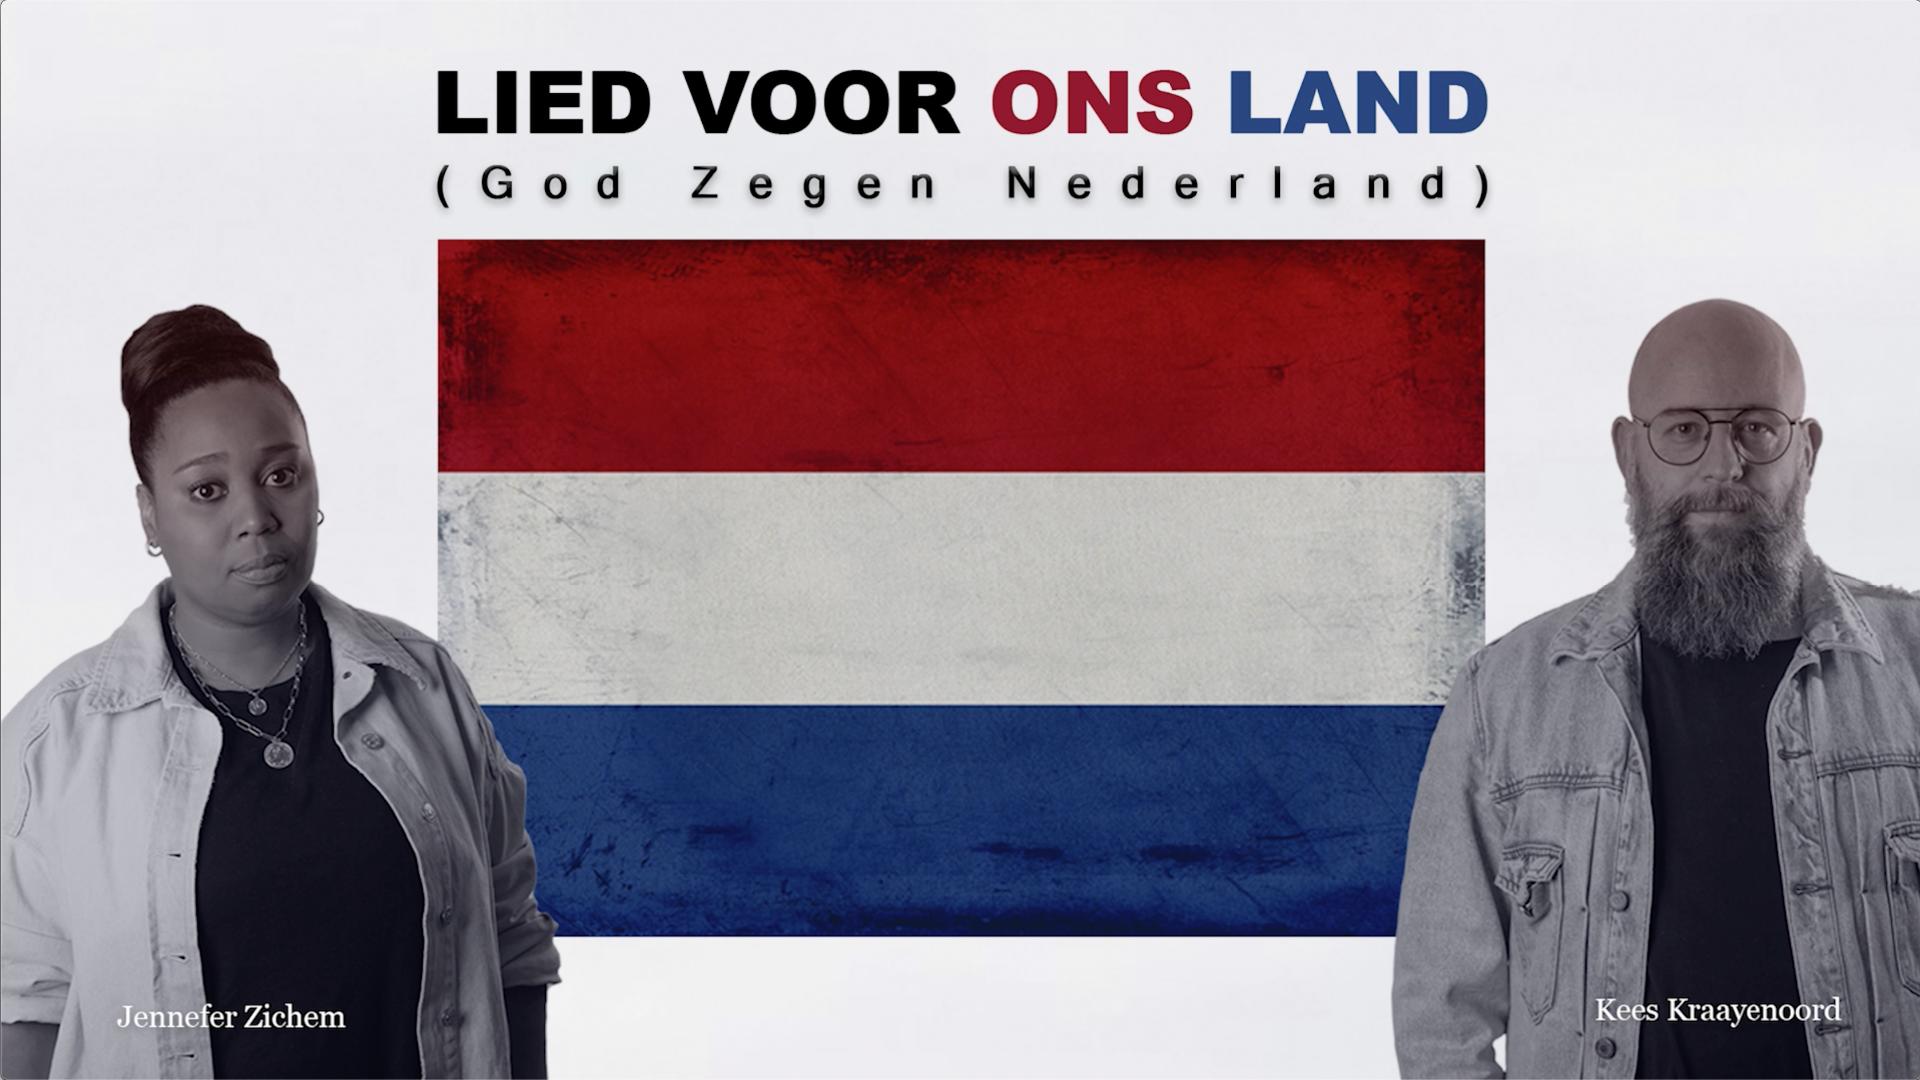 God Zegen Nederland